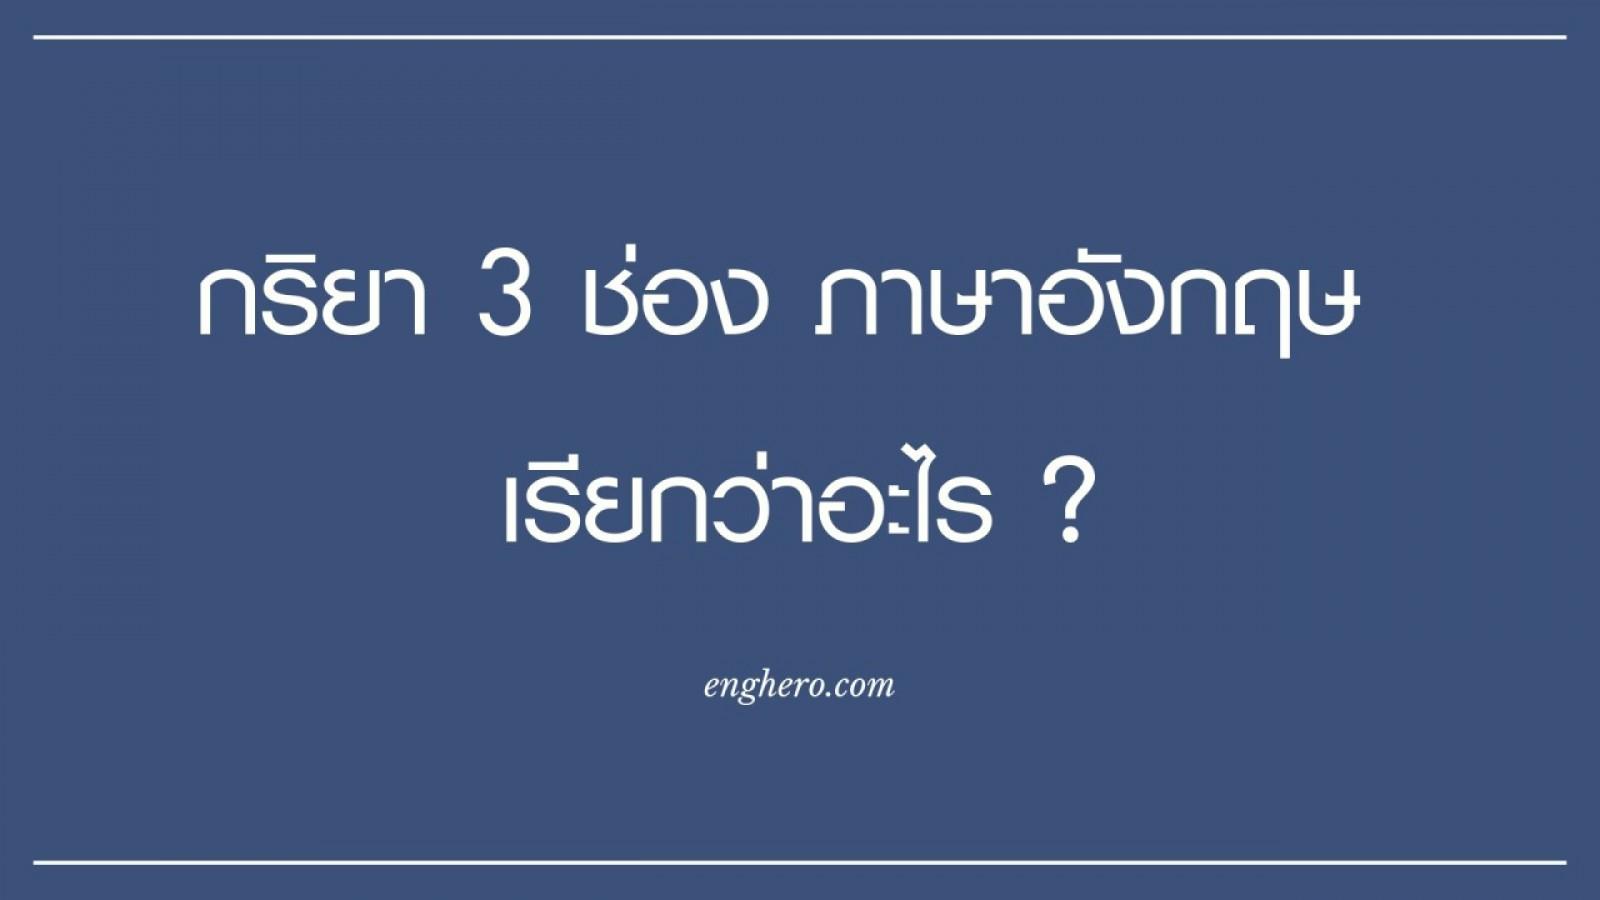 กริยา 3 ช่อง ภาษาอังกฤษ เรียกว่าอะไร